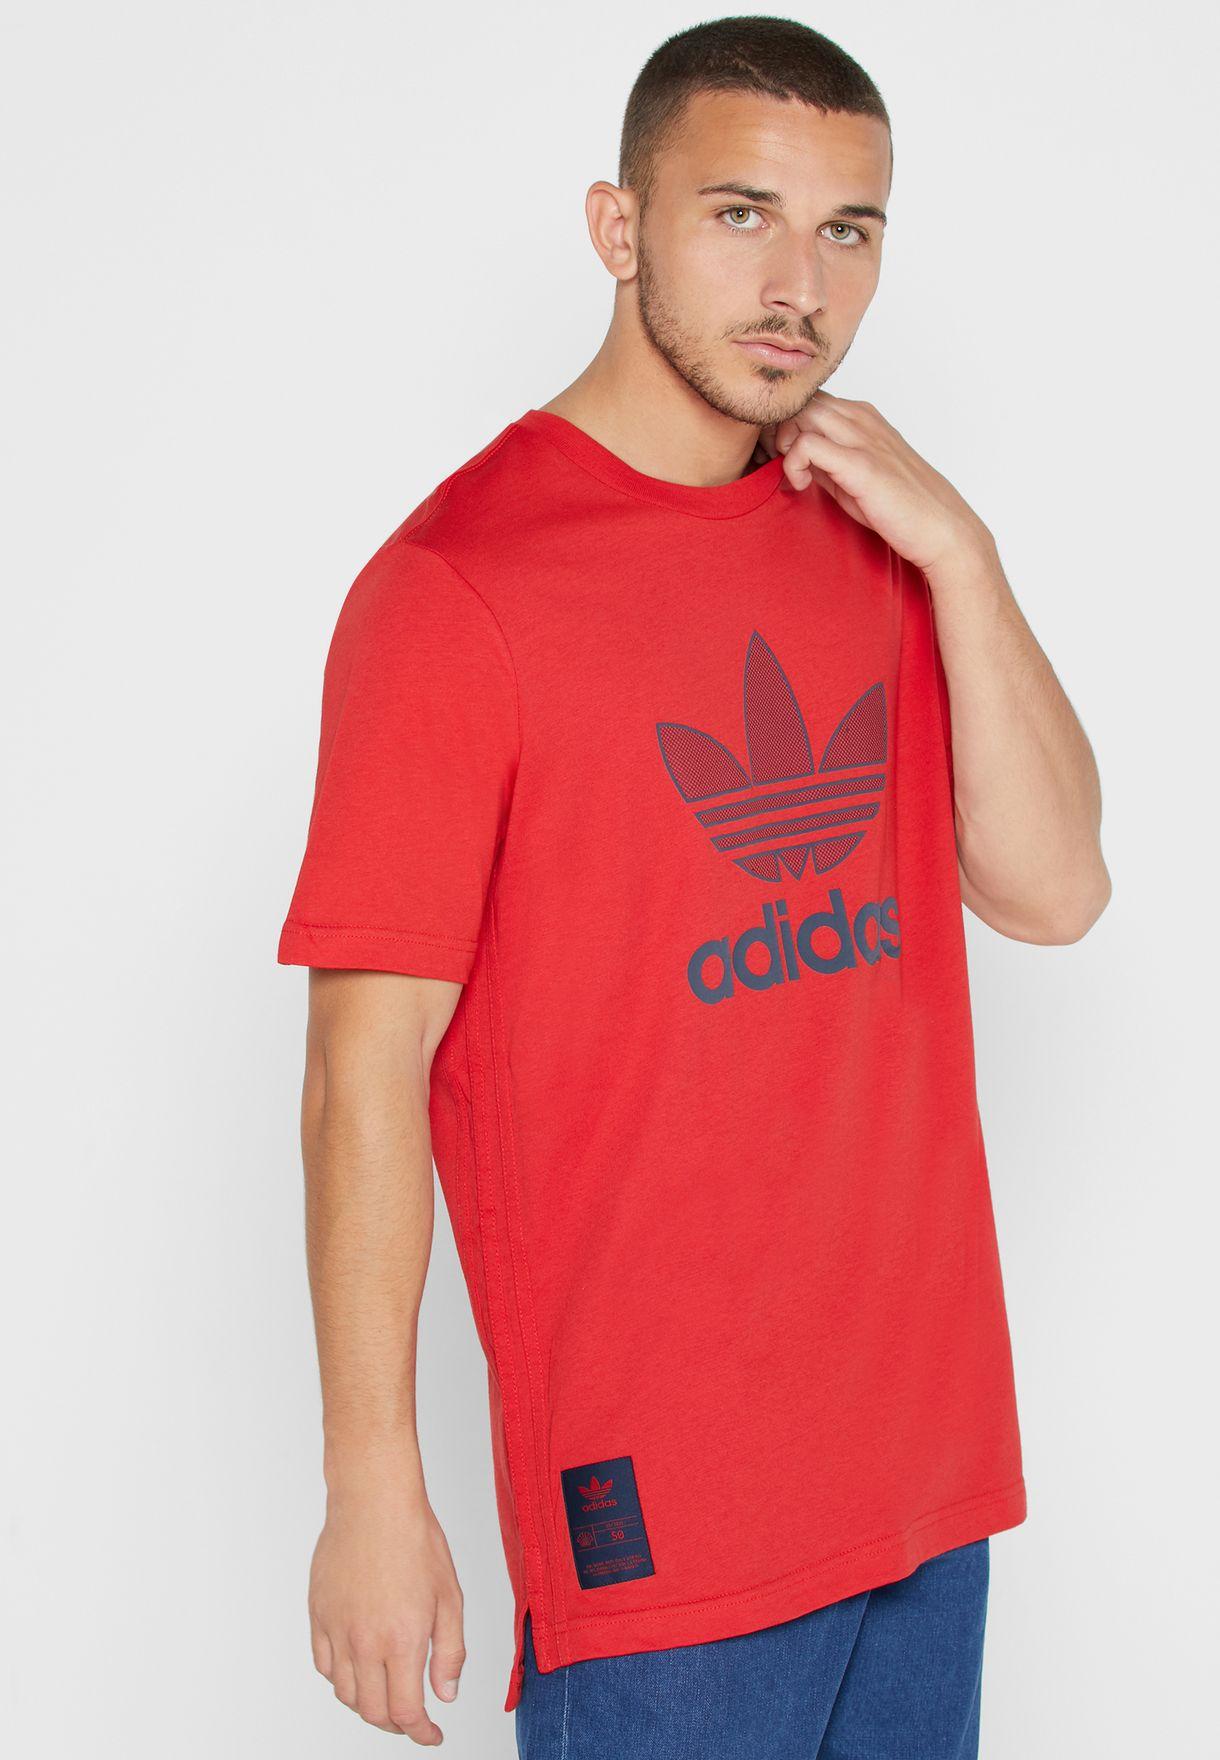 Warm Up T-Shirt